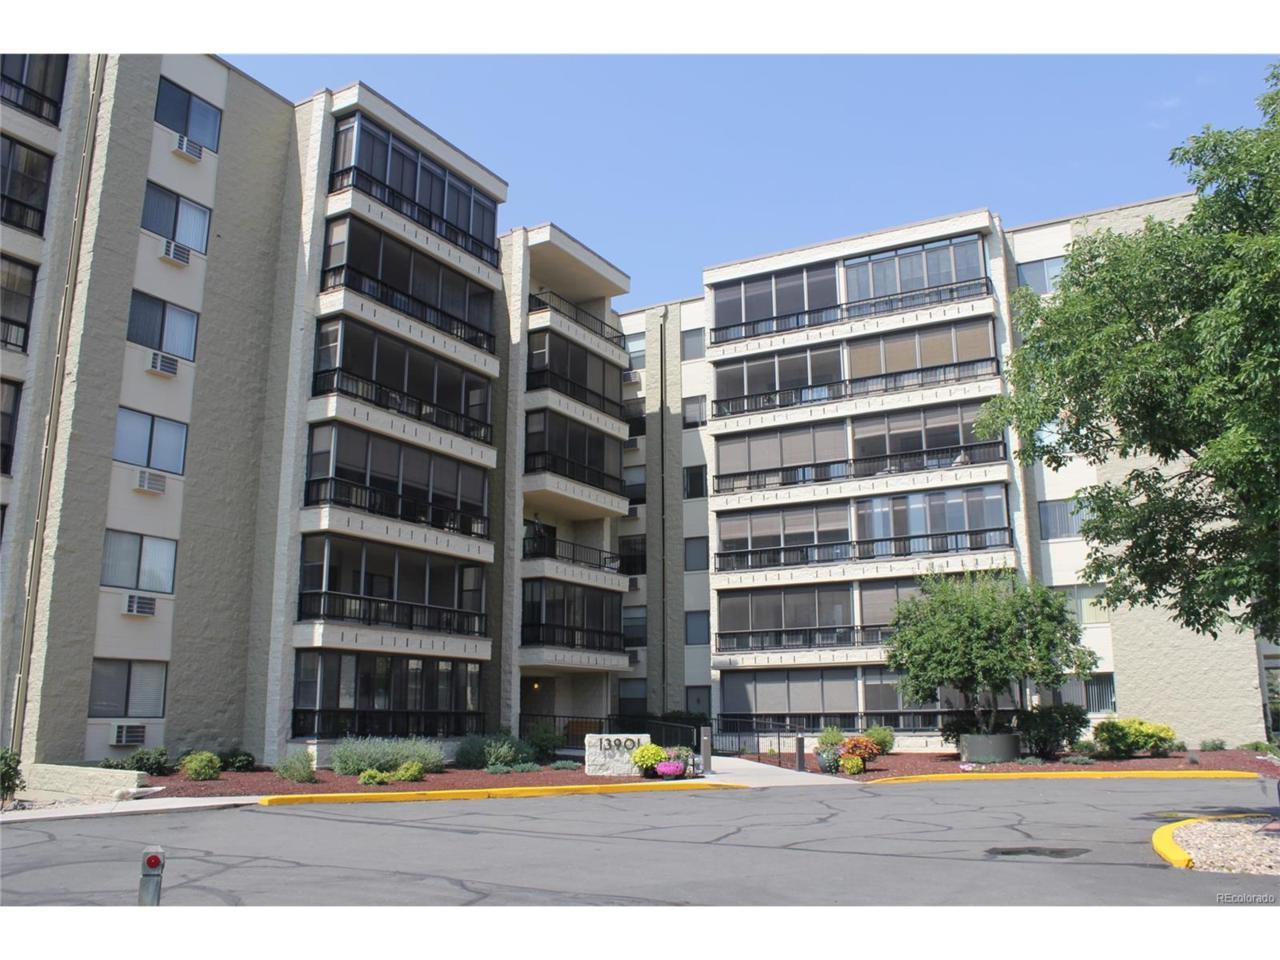 13901 E Marina Drive #312, Aurora, CO 80014 (MLS #1850371) :: 8z Real Estate